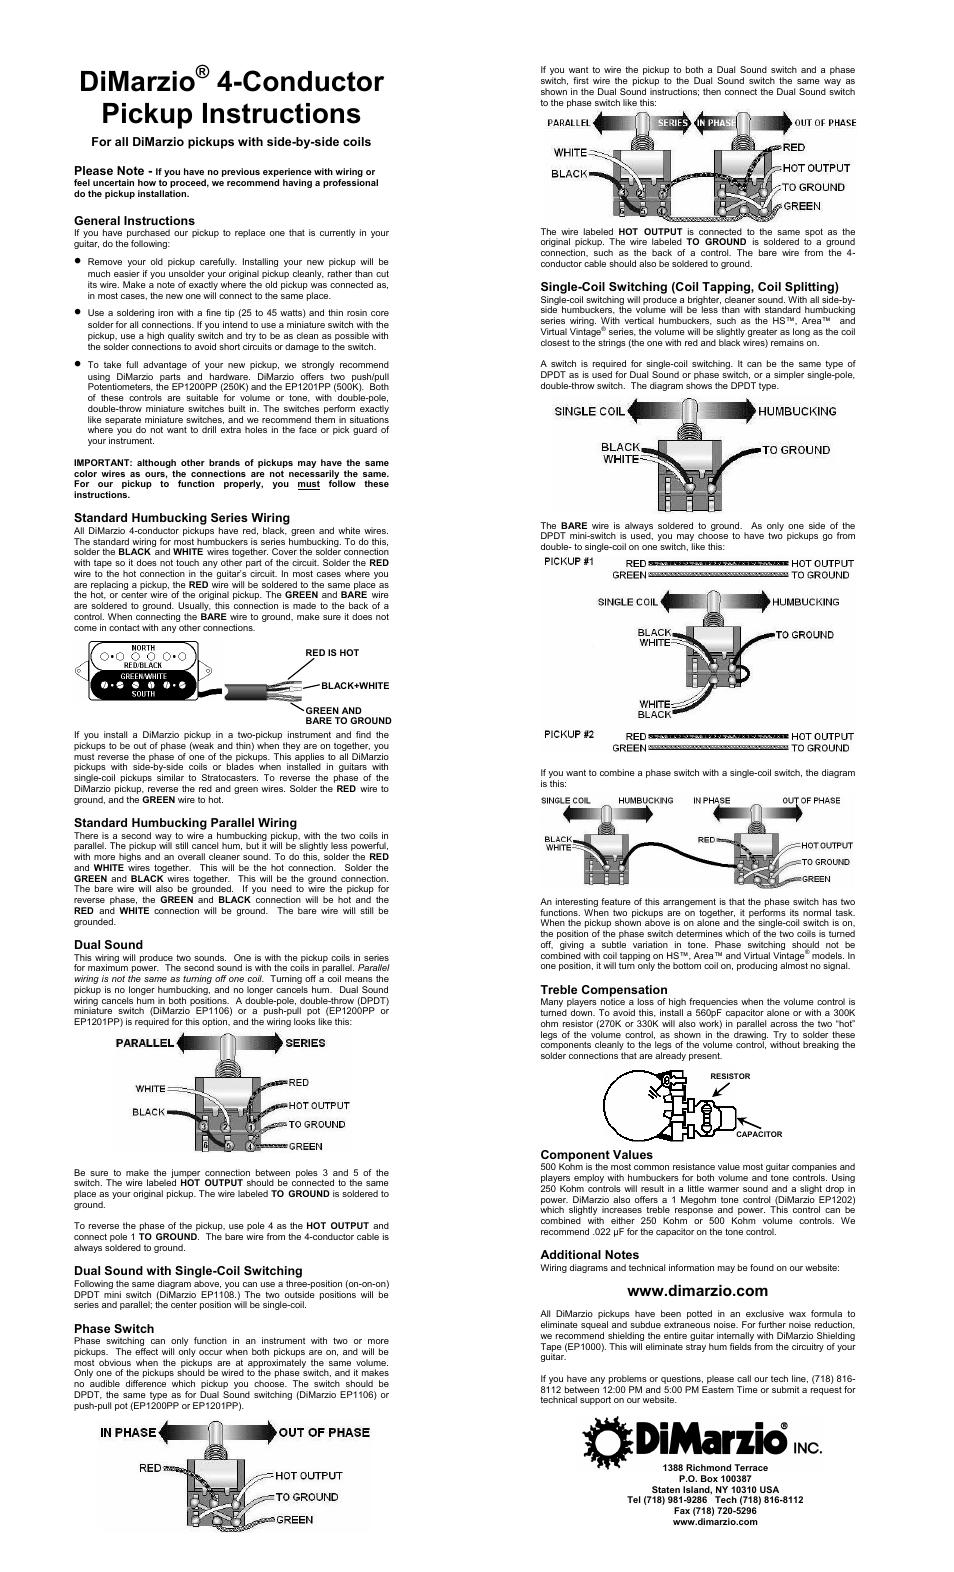 os_2540] dimarzio dp184 wiring diagram schematic wiring  redne socad cajos inrebe proe numdin hete neph sarc bedr cette  mohammedshrine librar wiring 101